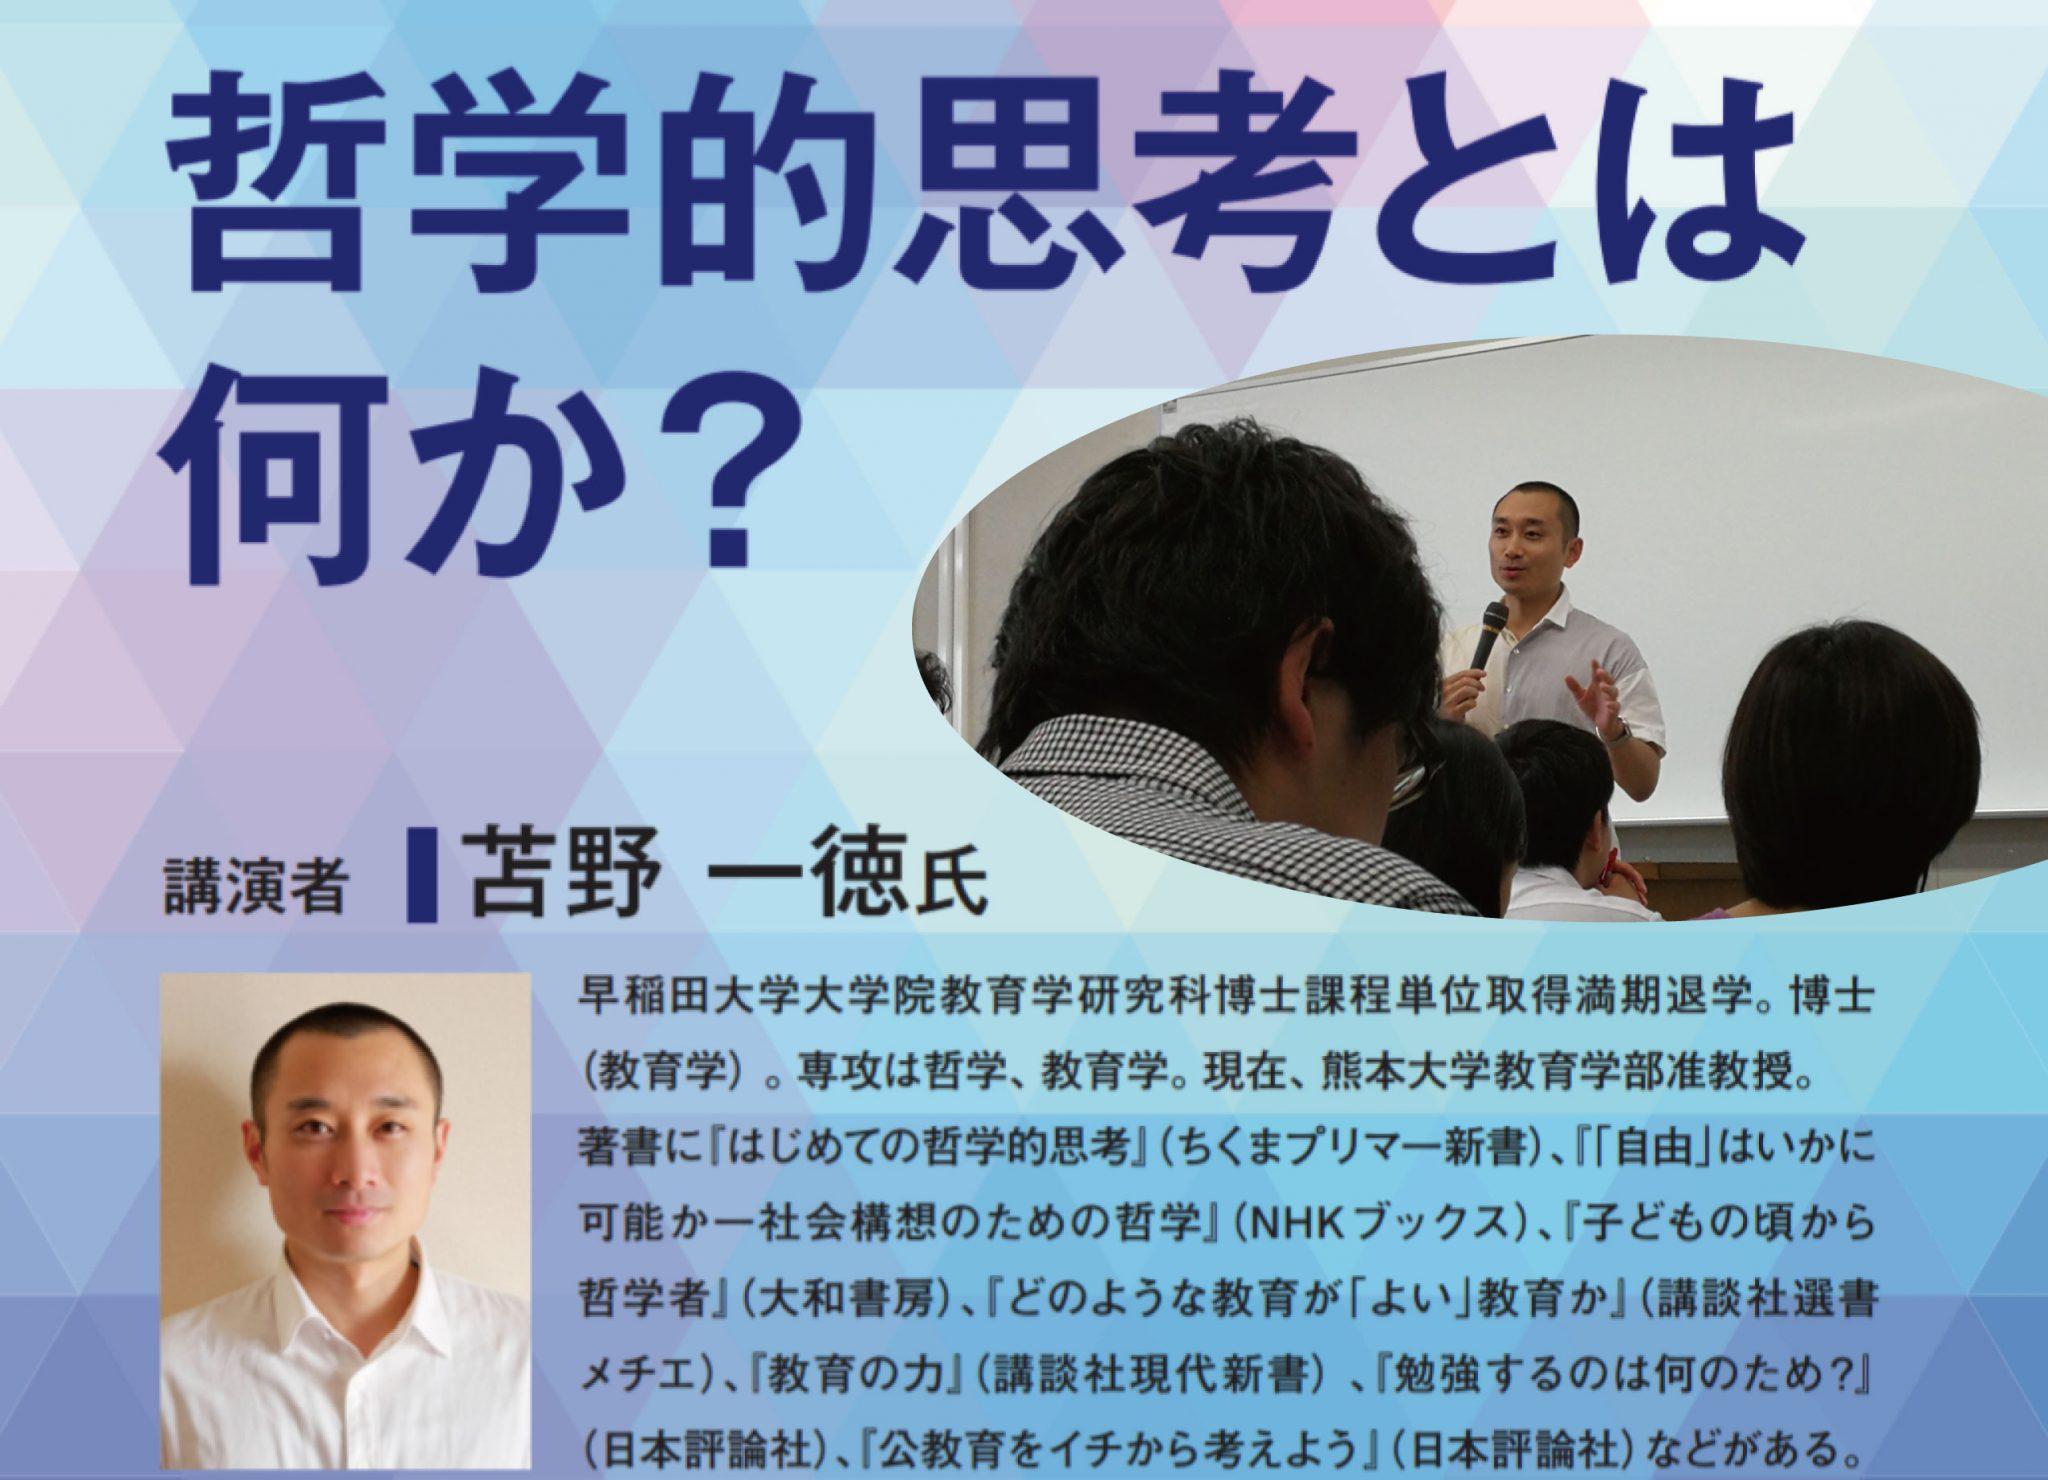 【哲学・教育学】苫野一徳さん講演『哲学的思考とは何か?』に参加したので概要と感想